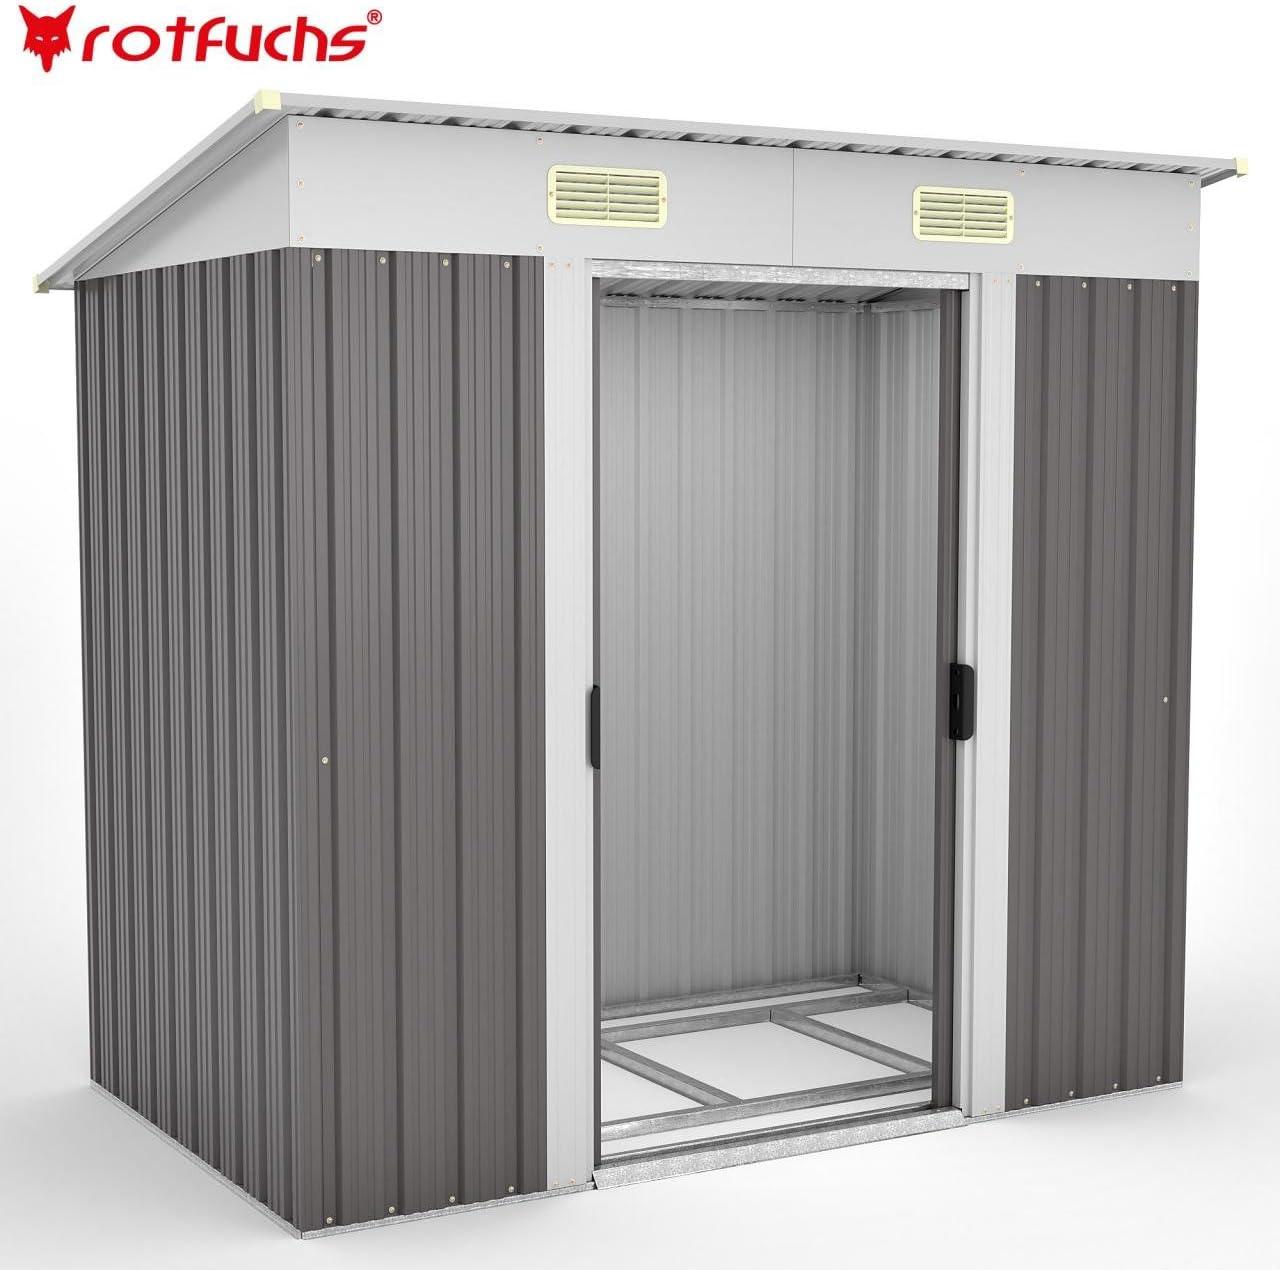 Cobertizo de jardín metálico Rotfuchs, cobertizo para herramientas, jardín, cobertizo, caseta de jardín, incluye base: Amazon.es: Jardín